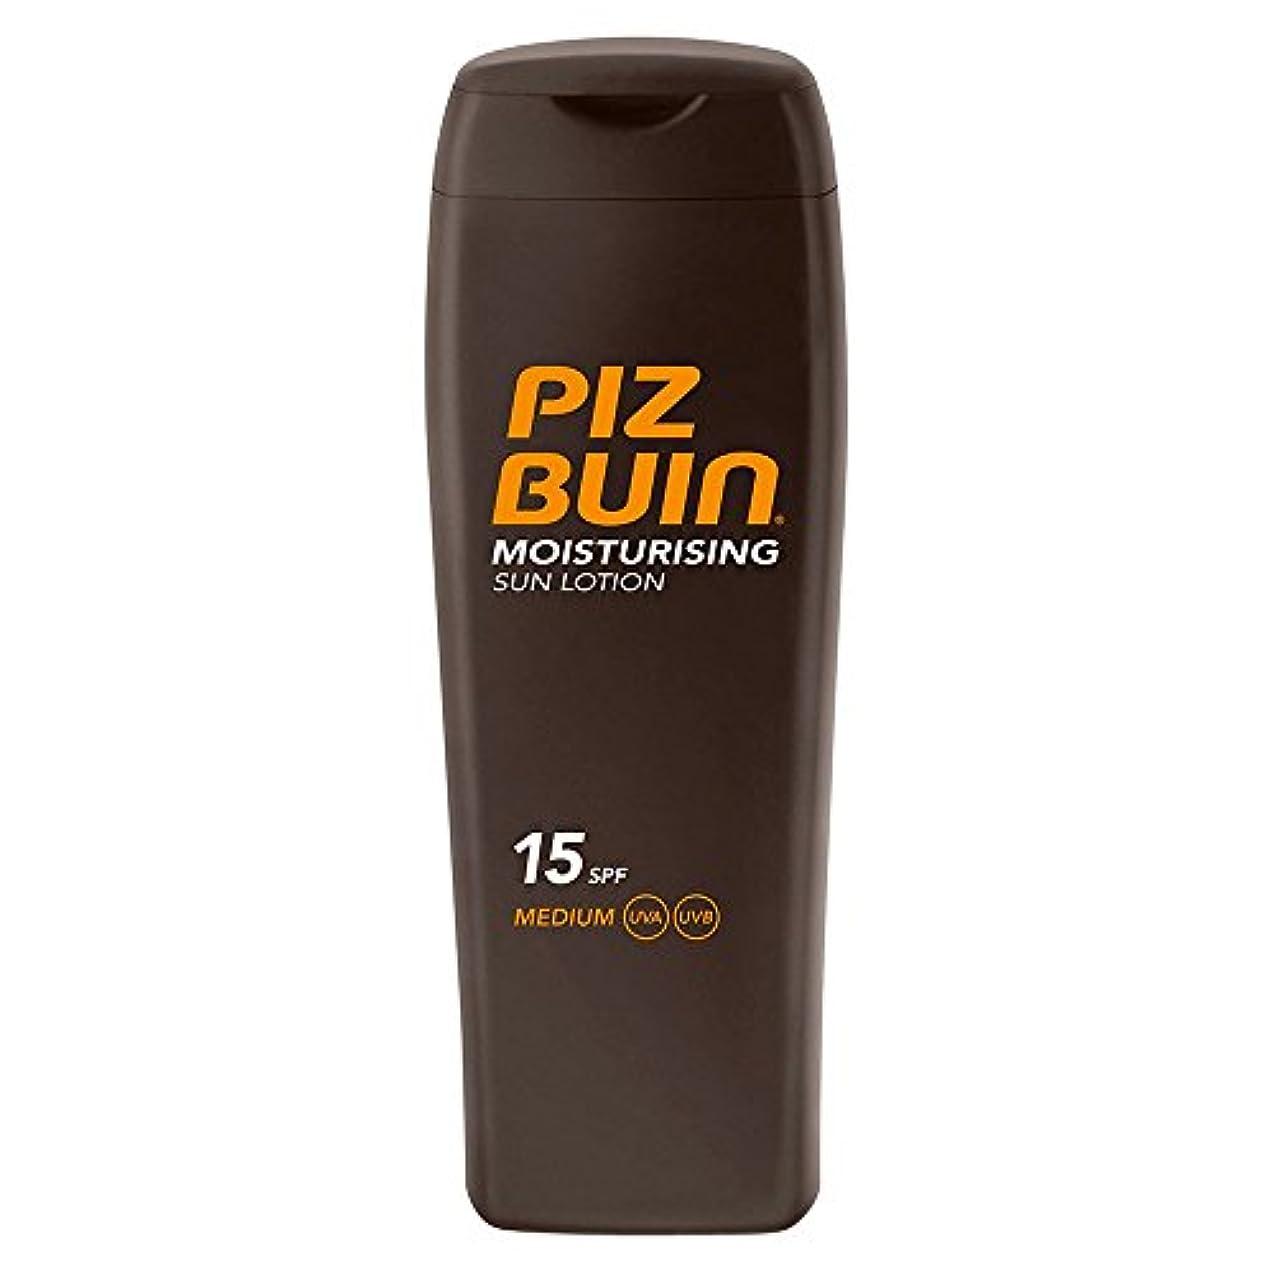 海里エッセイマーチャンダイジング日ローションSpf15の200ミリリットル中ピッツのブイン (Piz Buin) (x6) - Piz Buin In Sun Lotion SPF15 200ml (Pack of 6) [並行輸入品]